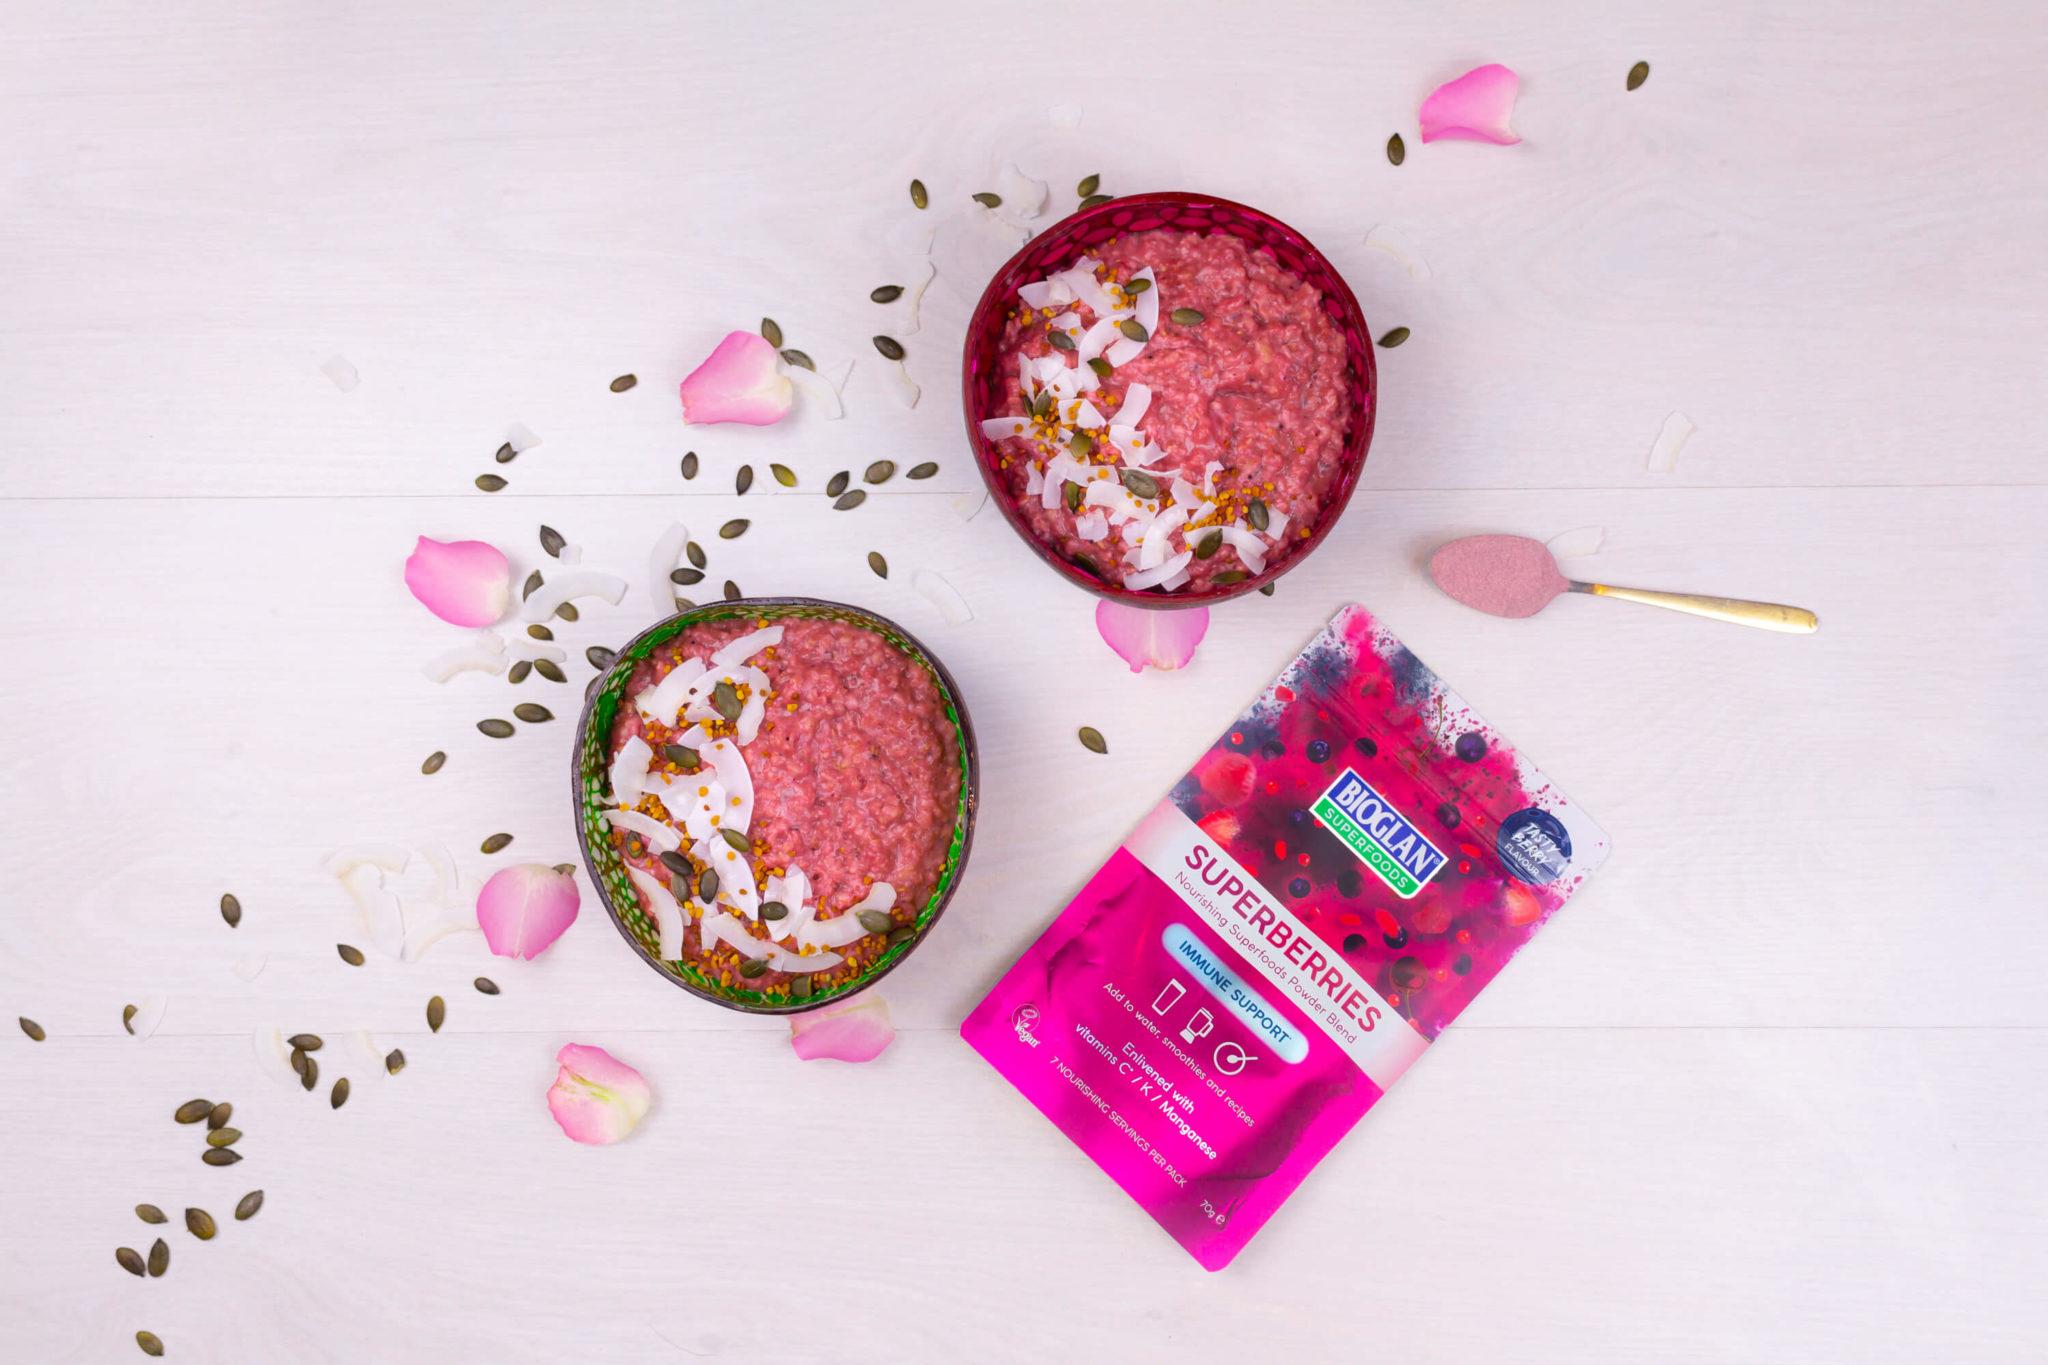 Pink porridge two bowls